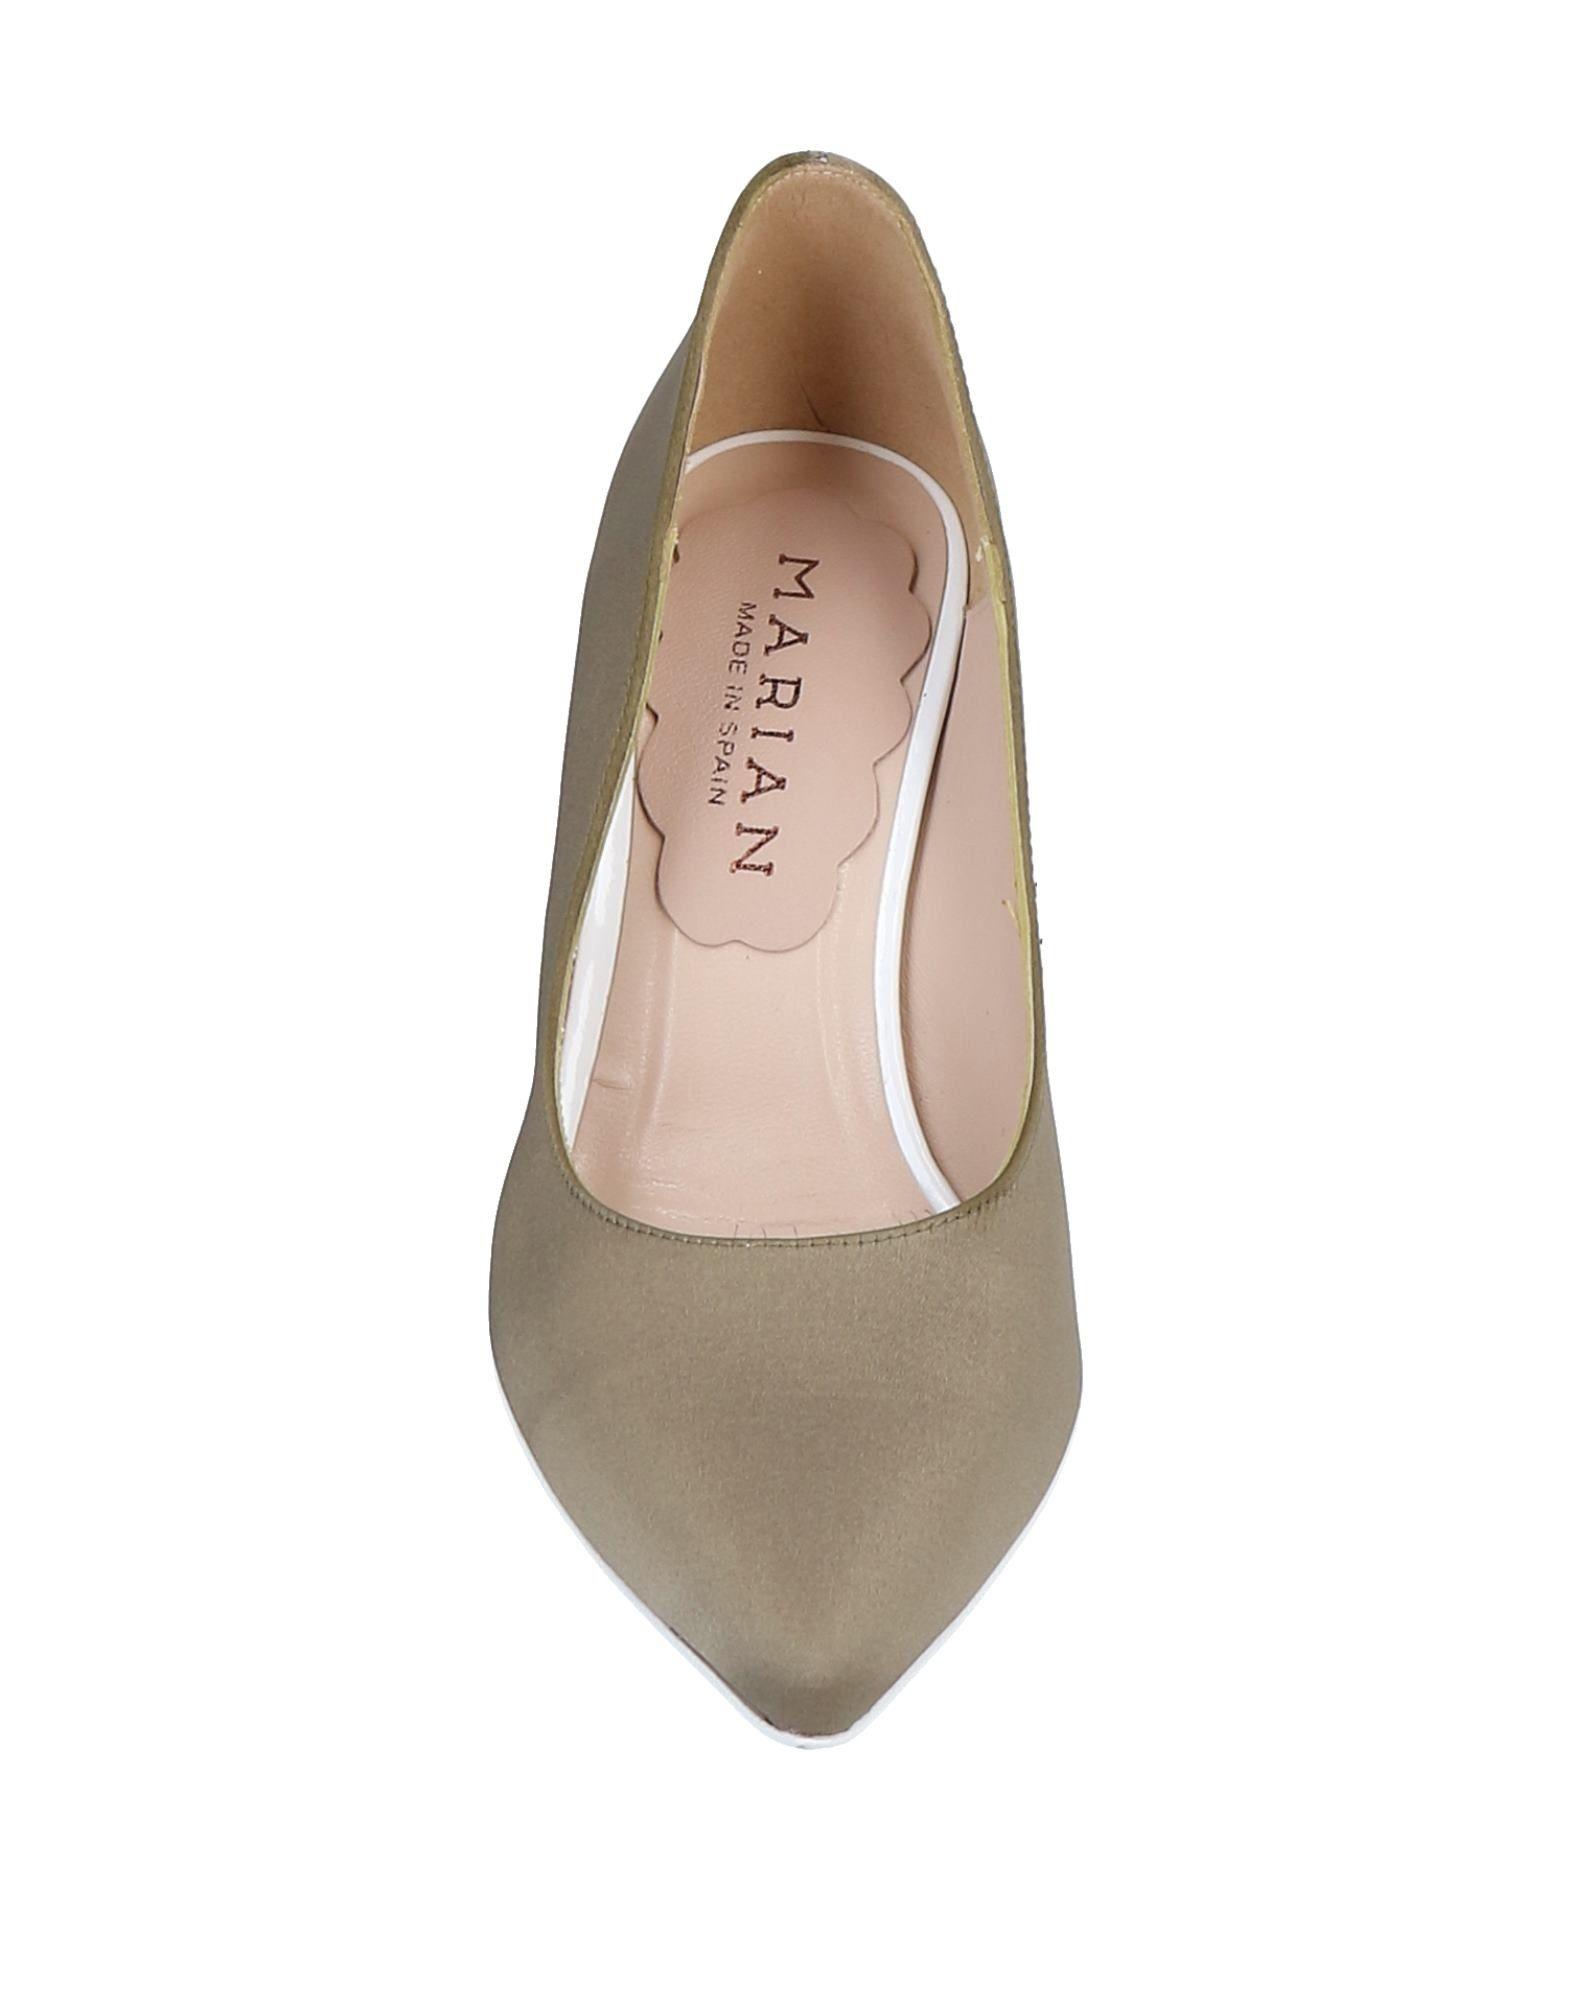 Marian Pumps Damen  11563824KN Schuhe Gute Qualität beliebte Schuhe 11563824KN 3a3102